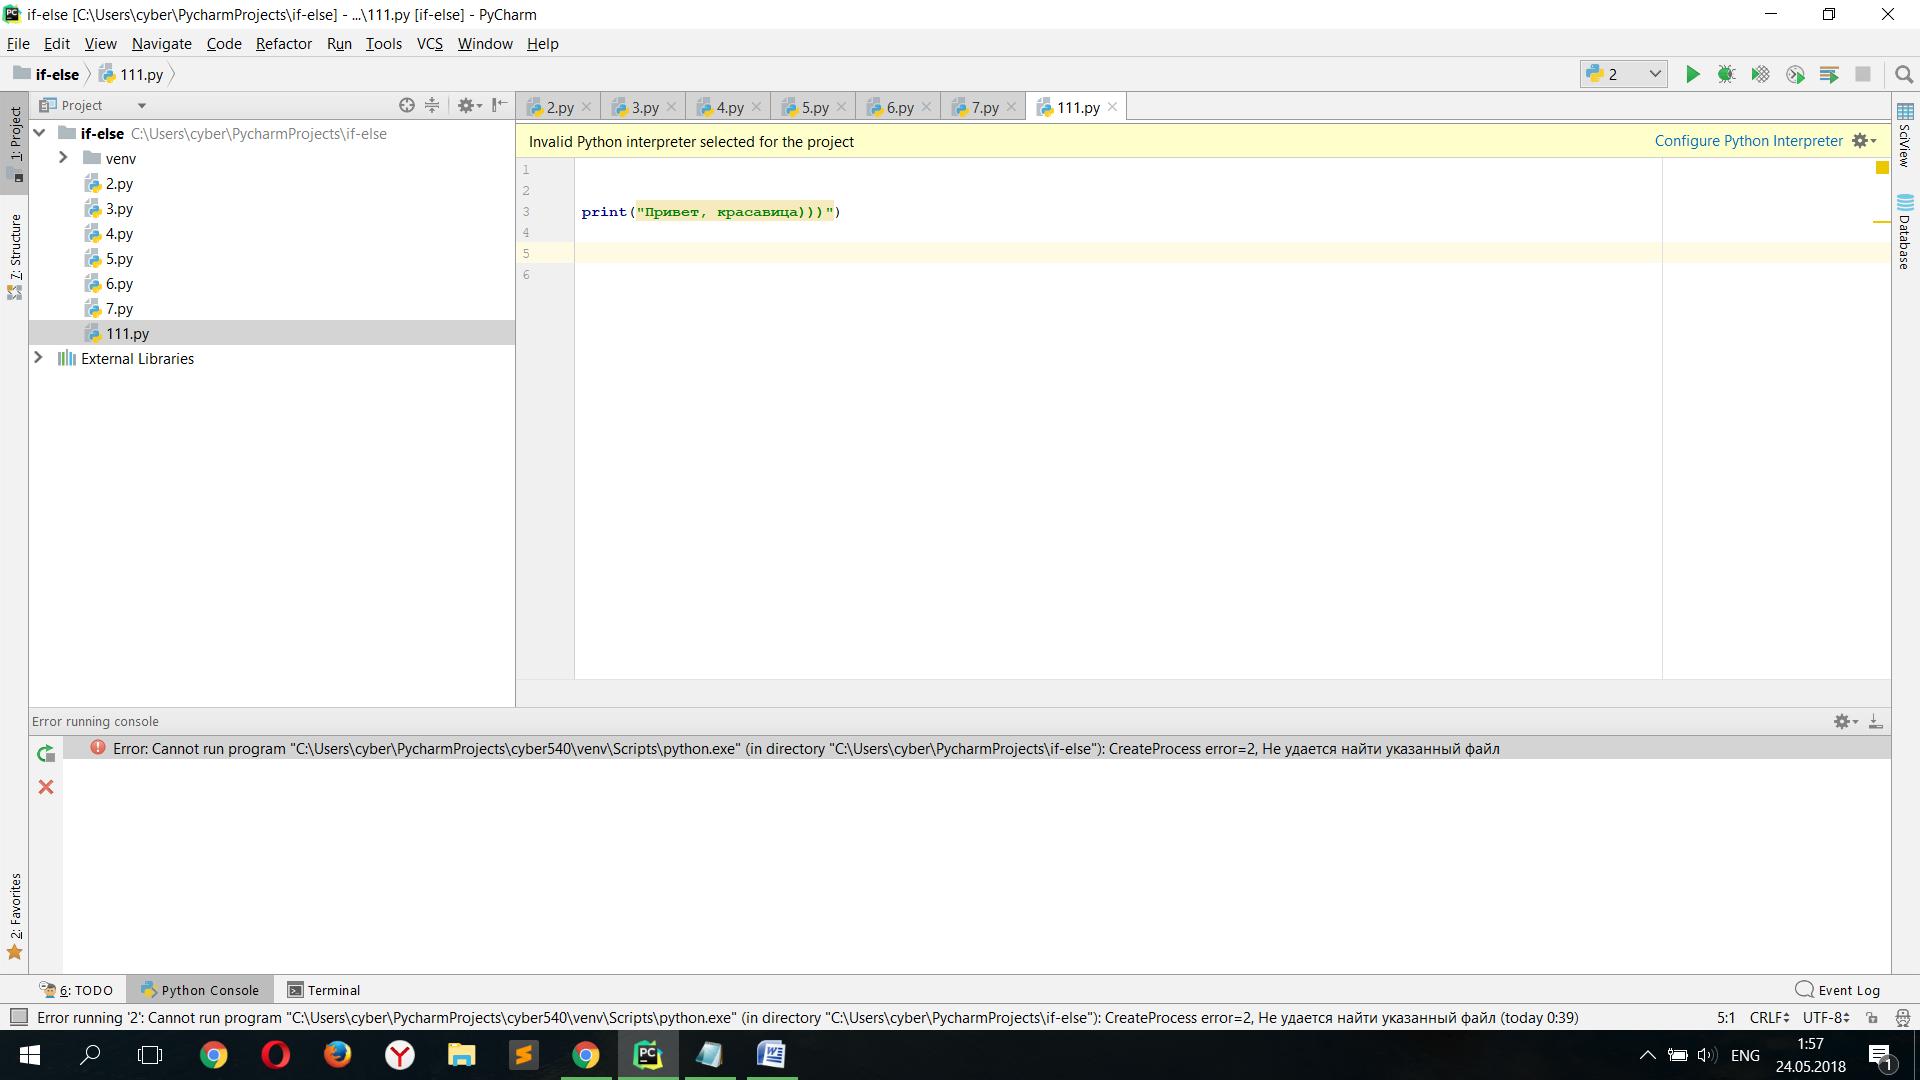 Интерпретатор python | ит блог. администрирование серверов на основе linux (ubuntu, debian, centos, opensuse)